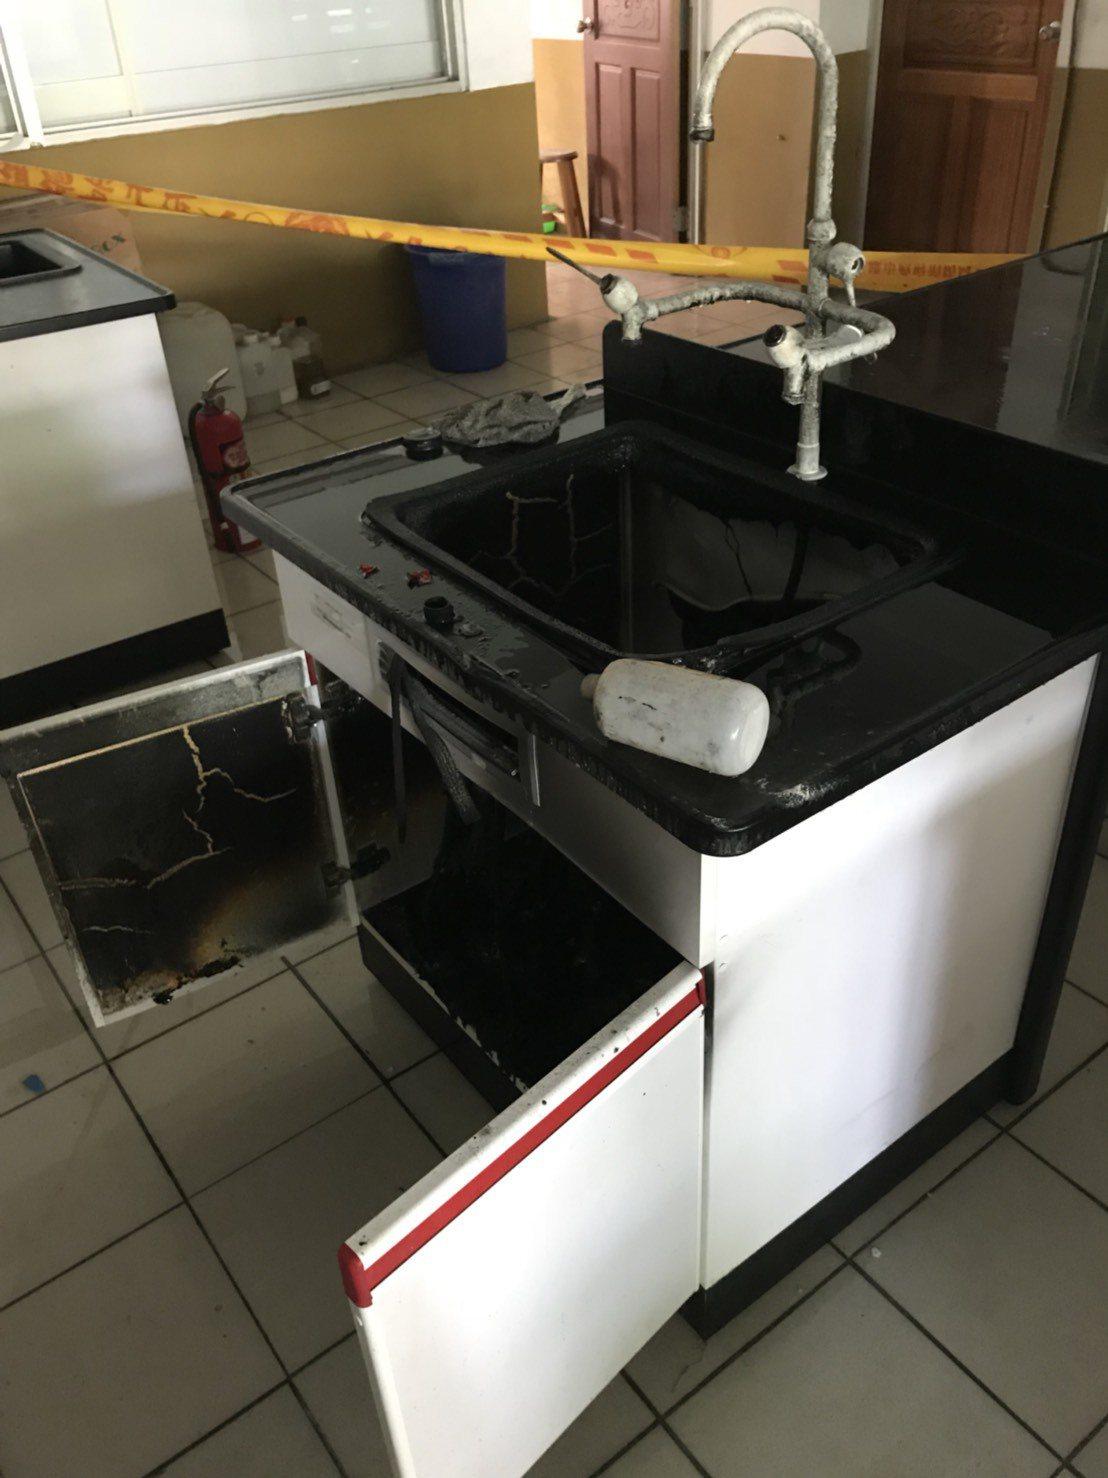 中山國中實驗室發生化學藥品自燃意外,水槽被燒得焦黑,所幸火勢很快撲滅、無人傷亡。...